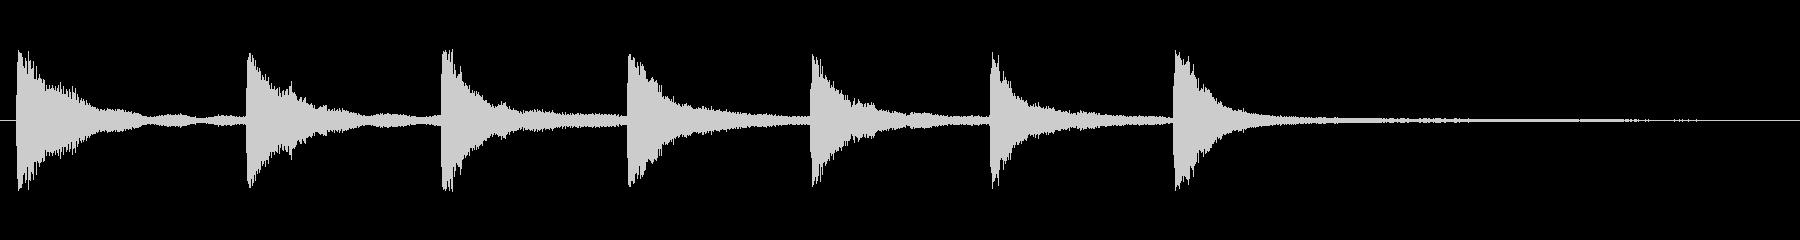 クロック3の未再生の波形